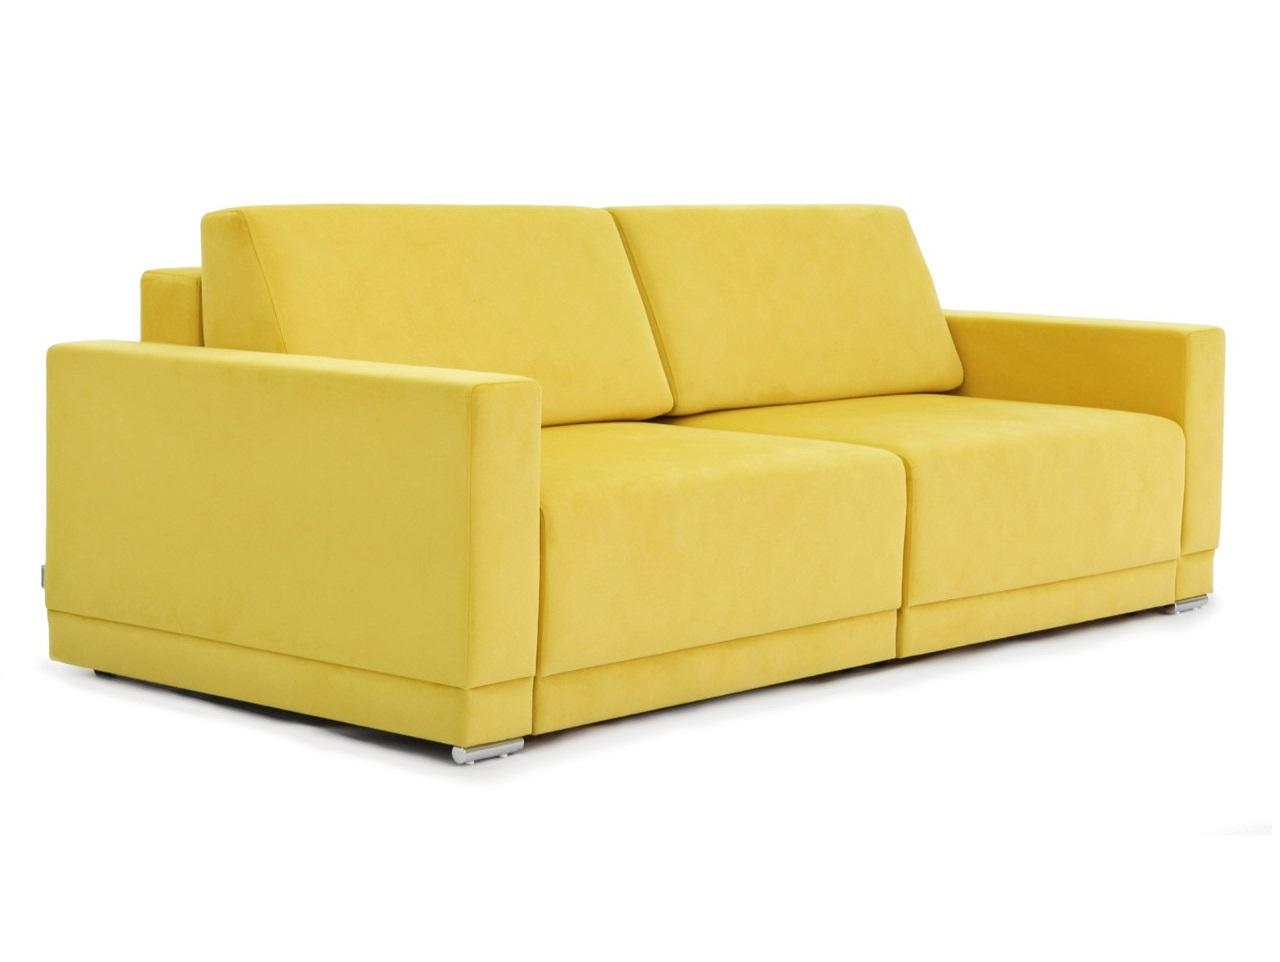 Диван МартинПрямые раскладные диваны<br>Модульный диван &amp;quot;Мартин&amp;quot; - универсальное решение для современных квартир, которое позволяет создать комфорт и функциональность в любом помещении. Набор секций дивана поможет в решении непростых дизайнерских задач, а его лаконичность оформит любой интерьер.&amp;lt;div&amp;gt;&amp;lt;br&amp;gt;&amp;lt;/div&amp;gt;&amp;lt;div&amp;gt;Под каждым сиденьем расположен вместительный бельевой ящик.&amp;amp;nbsp;&amp;lt;/div&amp;gt;&amp;lt;div&amp;gt;Механизм трансформации &amp;quot;Еврокнижка&amp;lt;/div&amp;gt;&amp;lt;div&amp;gt;Декоративные подушки в комплект не входят.&amp;amp;nbsp;&amp;lt;/div&amp;gt;&amp;lt;div&amp;gt;Большой выбор обивочных тканей (подробности уточняйте у менеджера).&amp;lt;/div&amp;gt;<br><br>Material: Текстиль<br>Ширина см: 240<br>Высота см: 88<br>Глубина см: 112